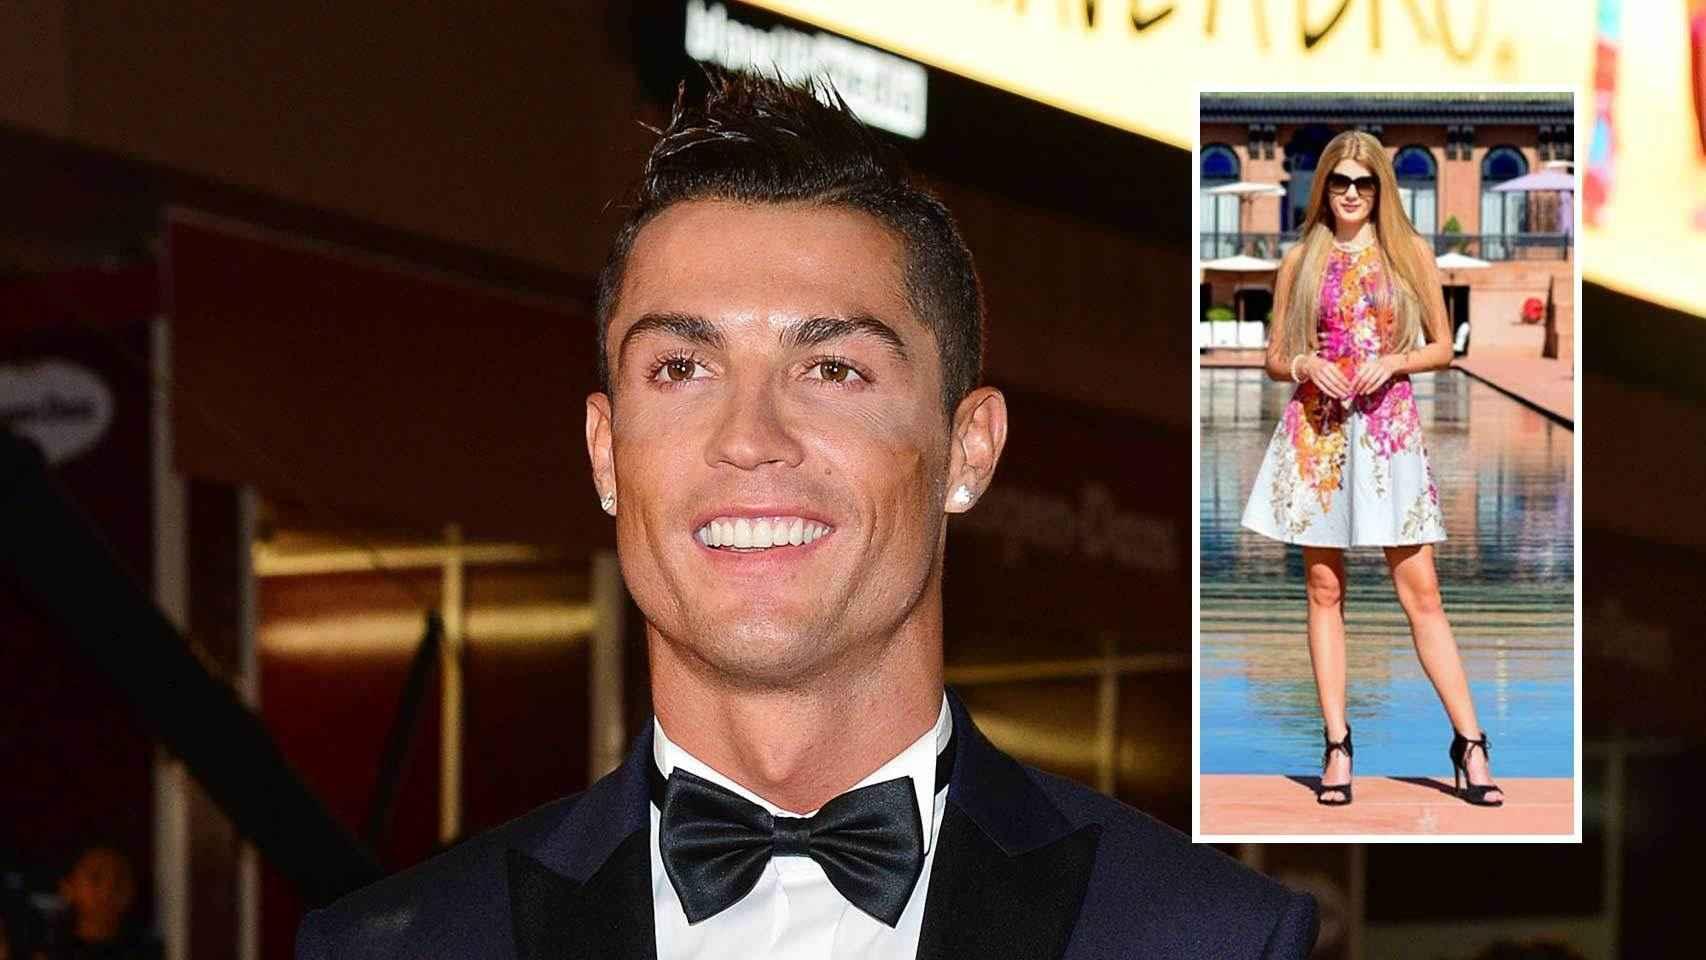 El futbolista portugués estaría saliendo con esta modelo que conoció en Marruecos